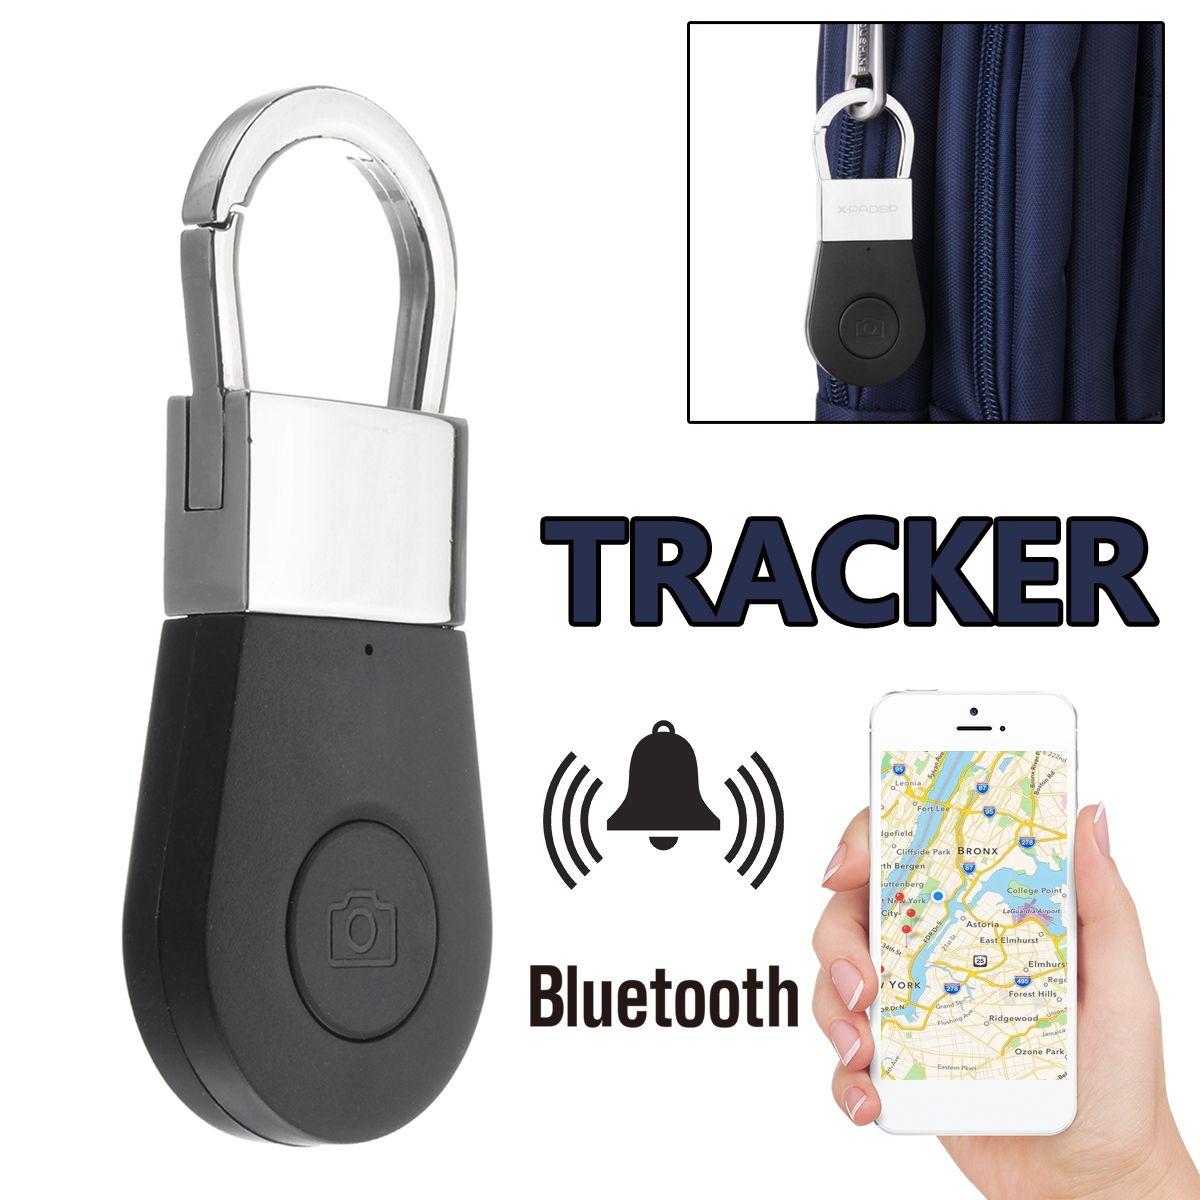 Bluetooth Schlüsselbund Alarm GPS Tracker Smart Key Alarm anti-verlorene Schlüsselsucher-verzeichnis Gerät für Auto Kind Pet Ältere Tracking Tracer